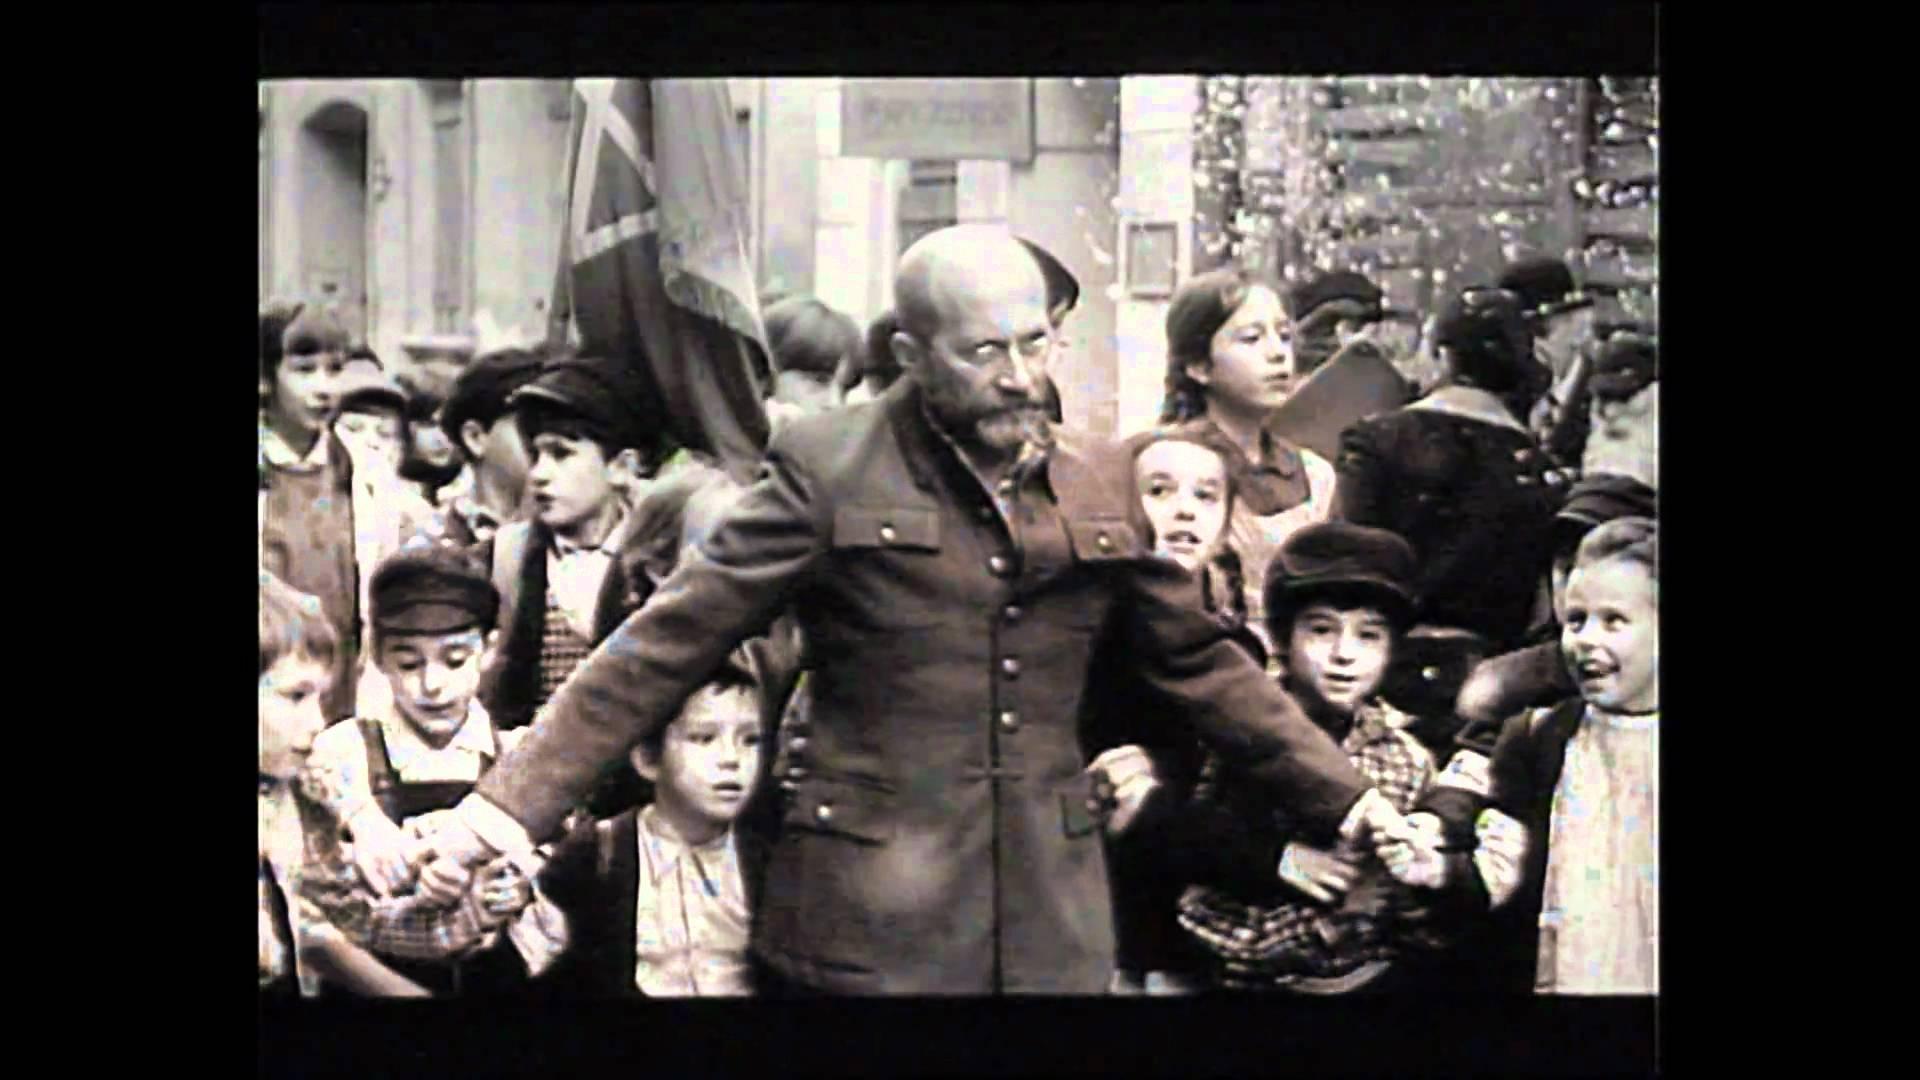 Подвиг польского писателя.Он сопроводил своих воспитанников в газовую камеру концлагеря